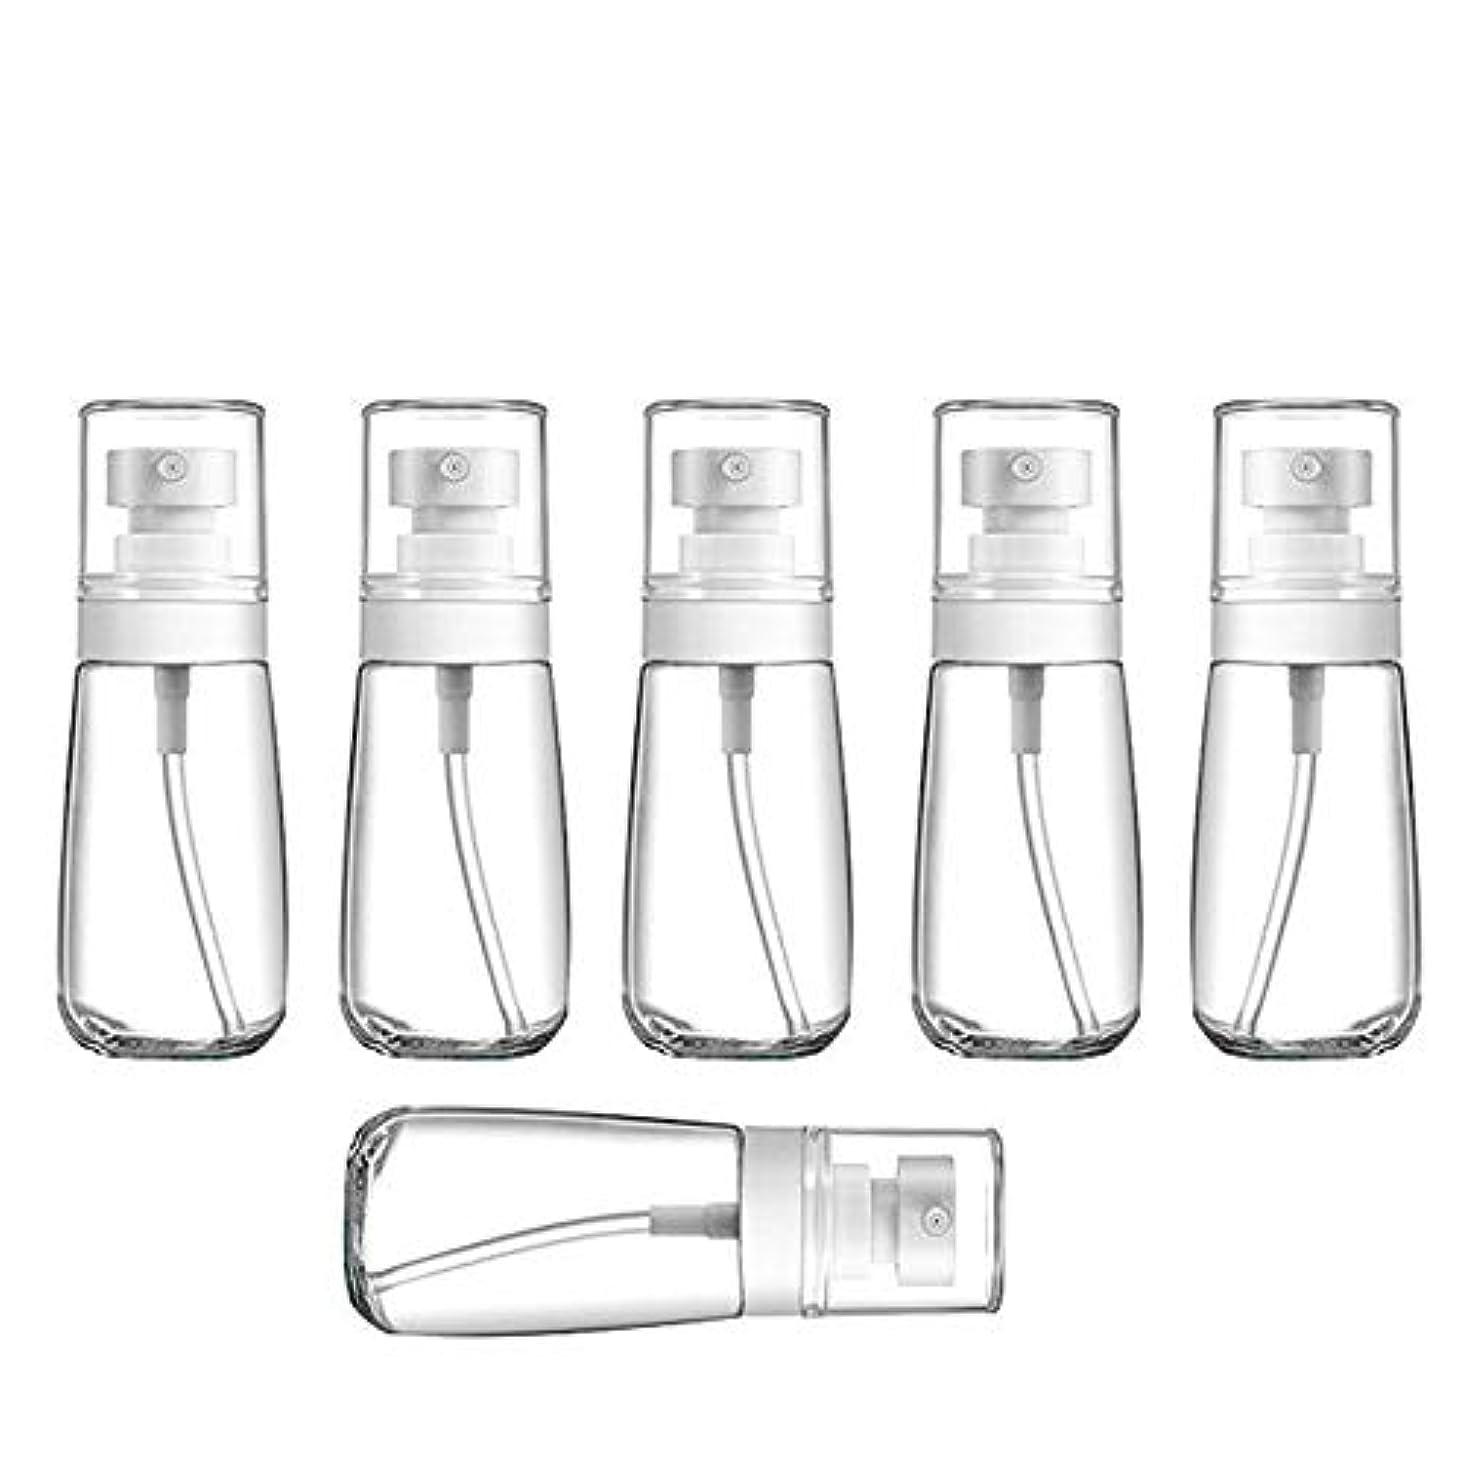 ビリー剪断インフルエンザYXC 良質の PETG小分けボトル トラベルボトル スプレーボトル 家に清潔消毒 緑の植物に水遣る 6本セット 日本小スプレーボトル 化粧水 詰替用ボトル 旅行用品 (60ML6本)